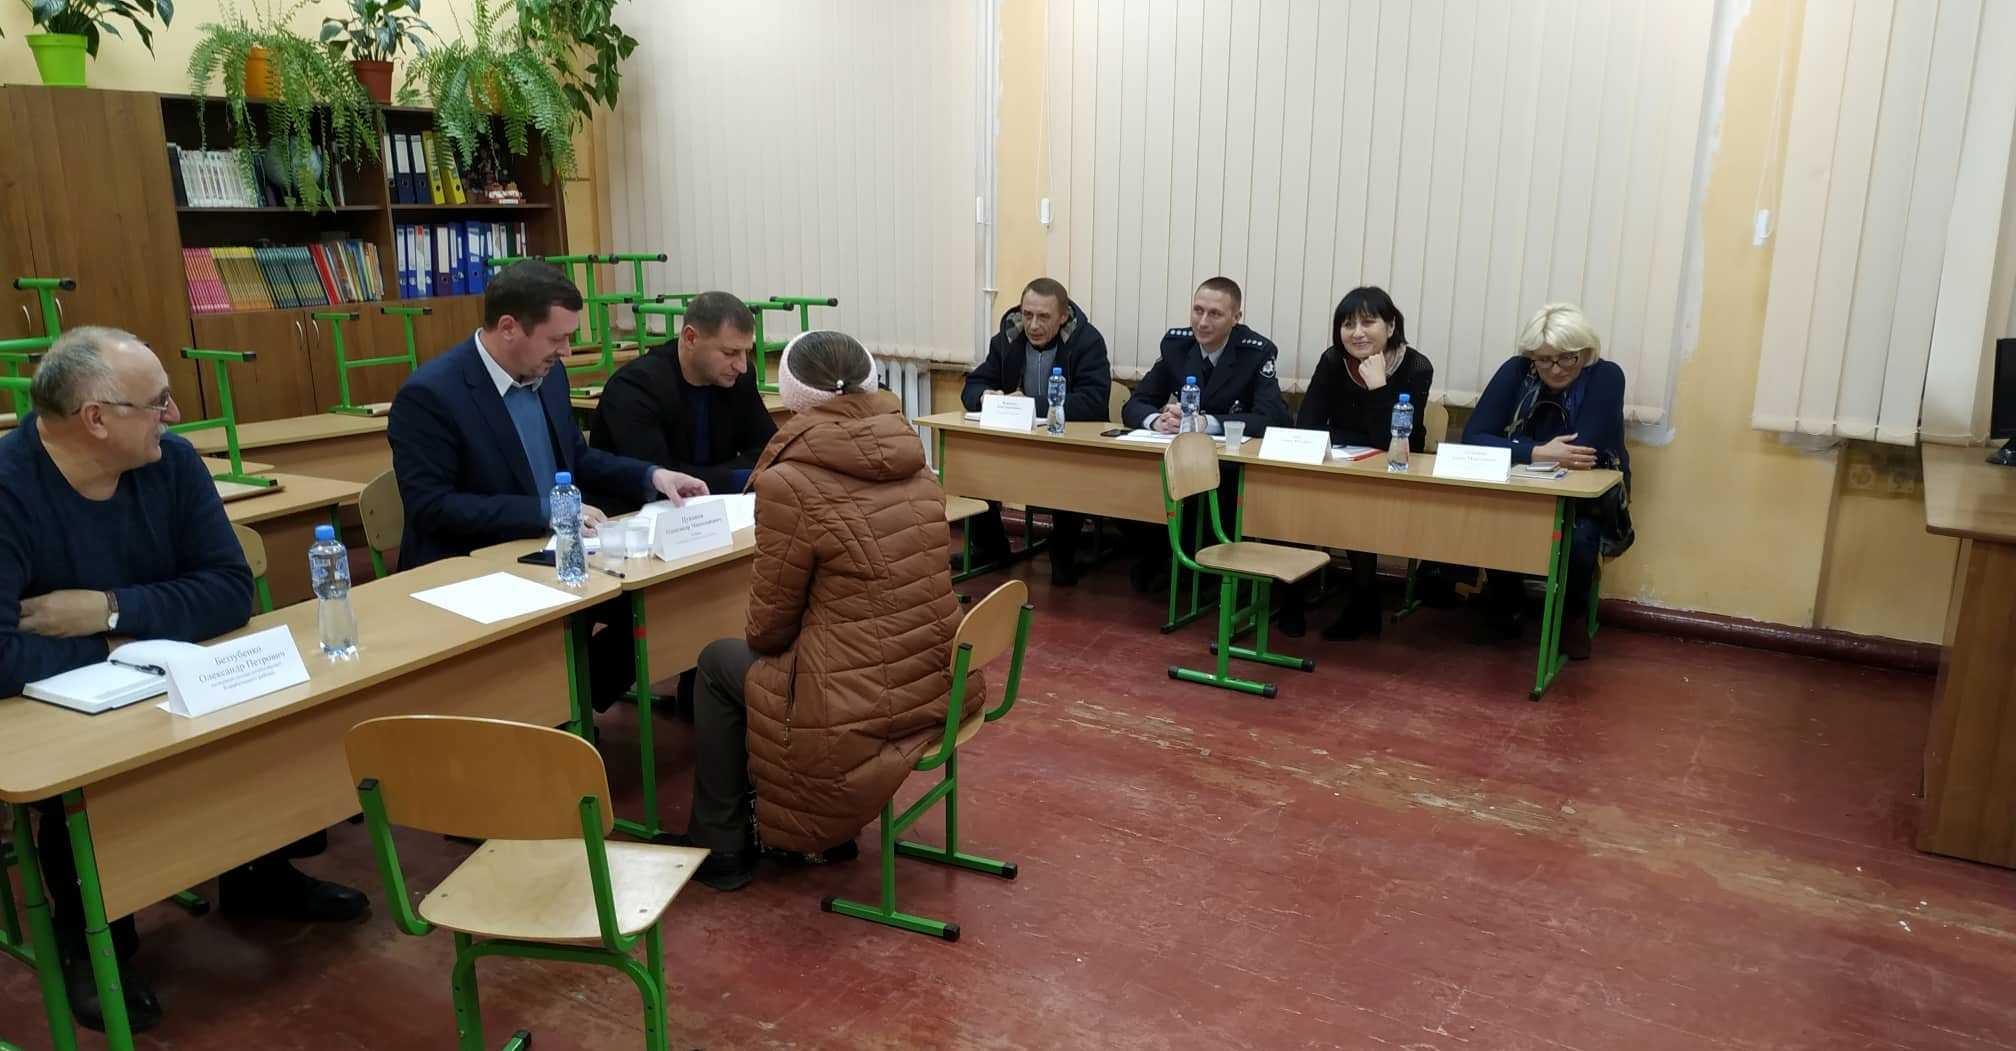 Відбувся виїзний прийом громадян головою адміністрації Корабельного району